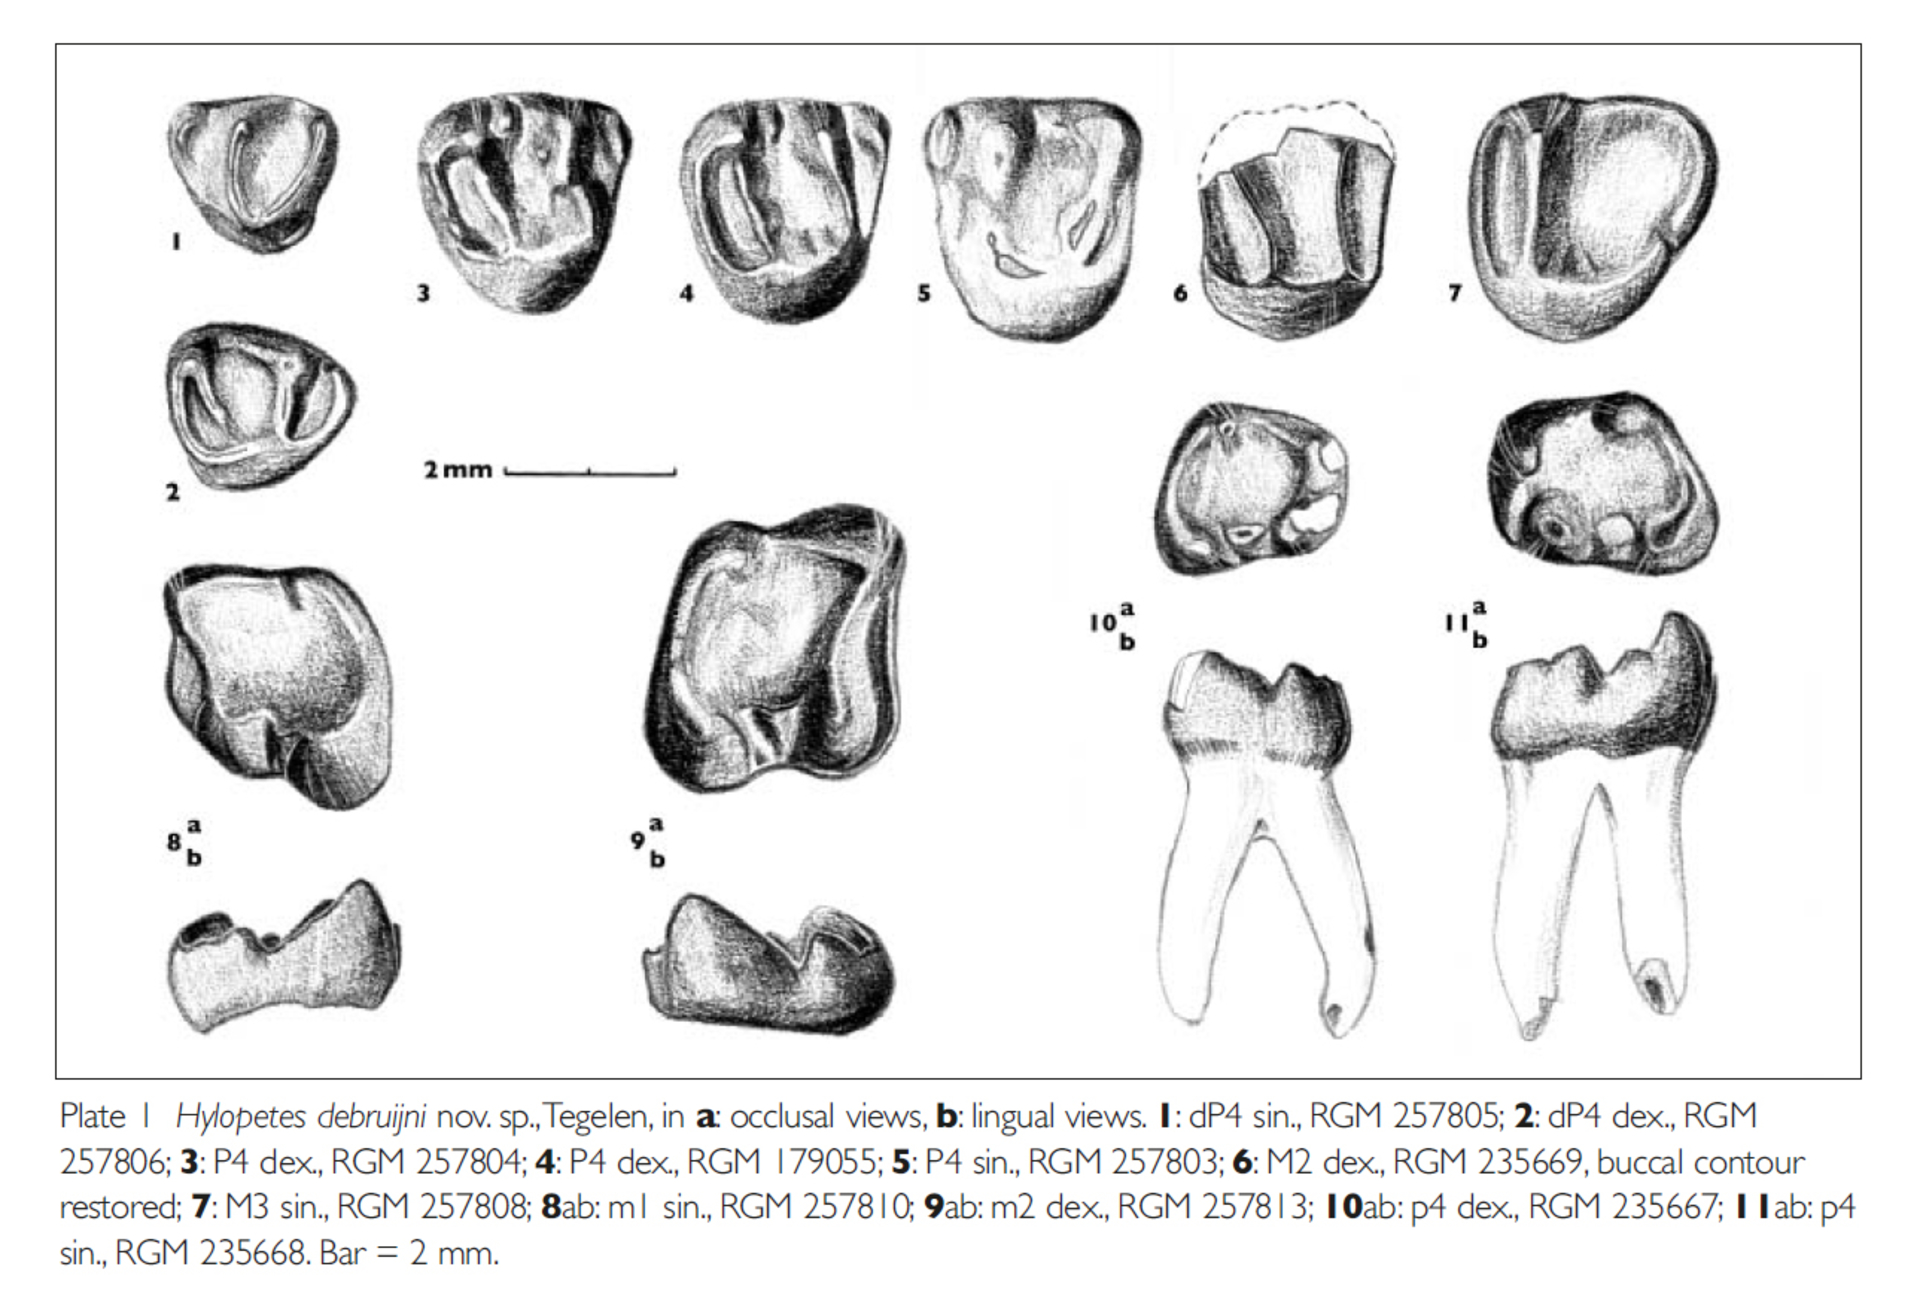 RGM.257810 | Hylopetes debruijni Reumer & van den Hoek Ostende, 2003